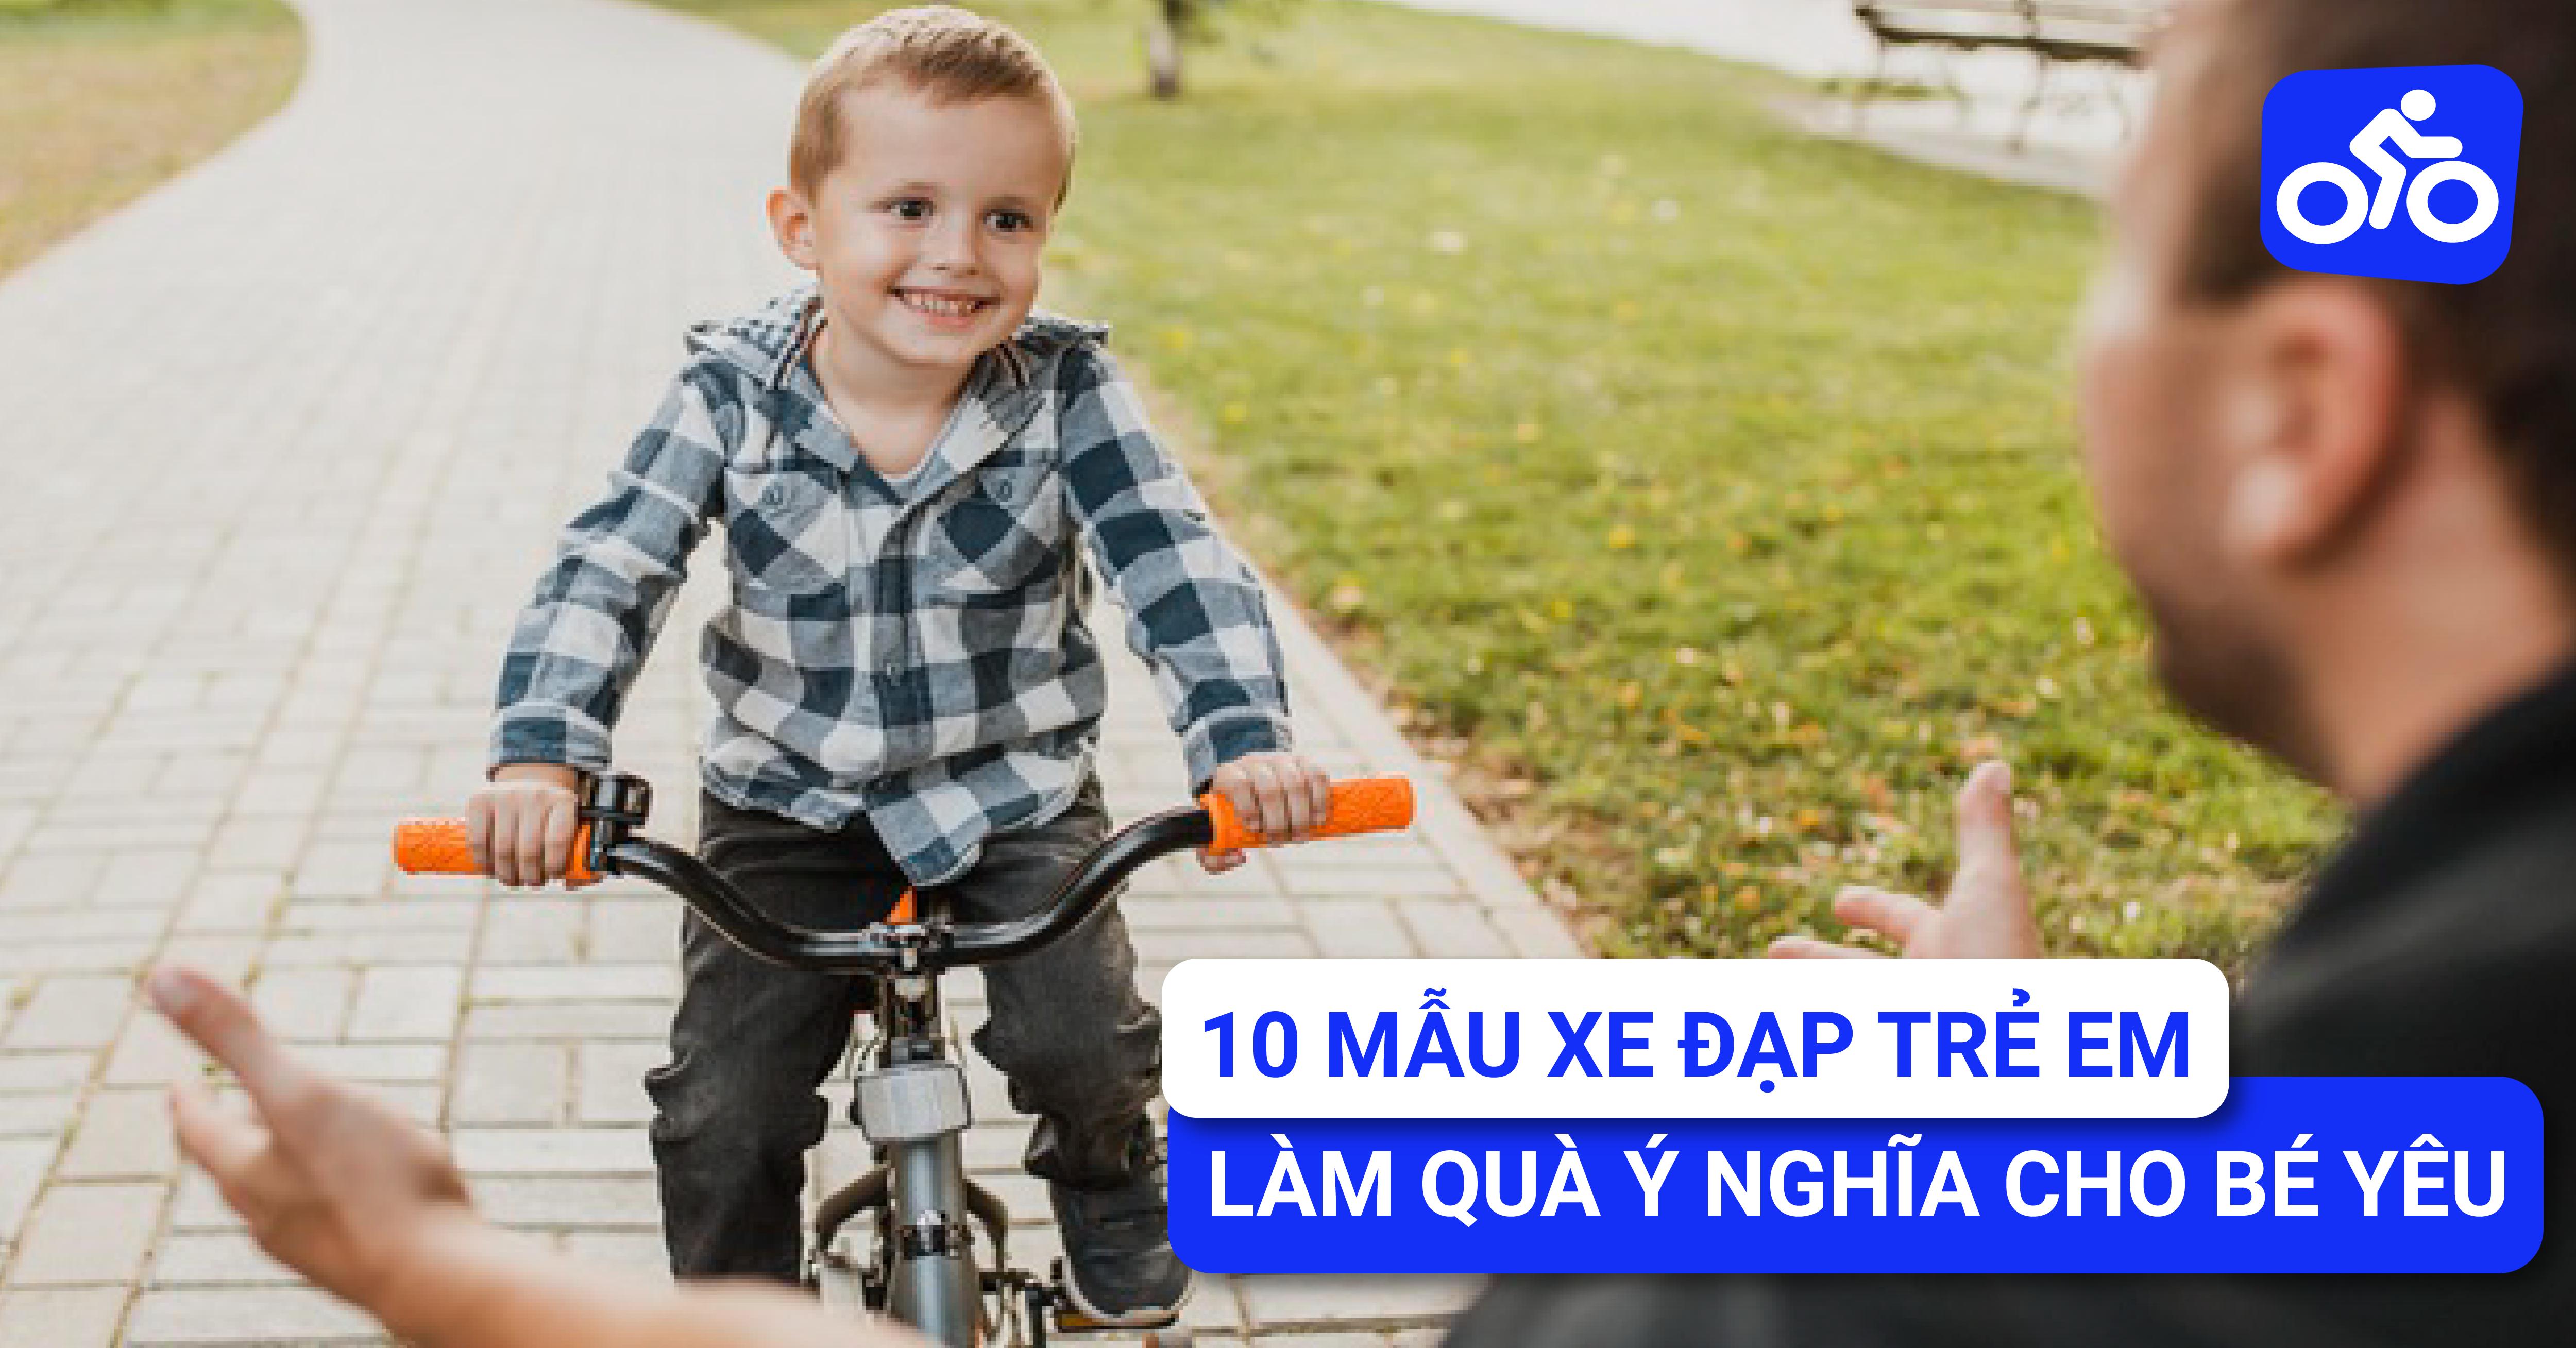 Gợi ý 10 mẫu xe đạp trẻ em làm quà ý nghĩa cho bé